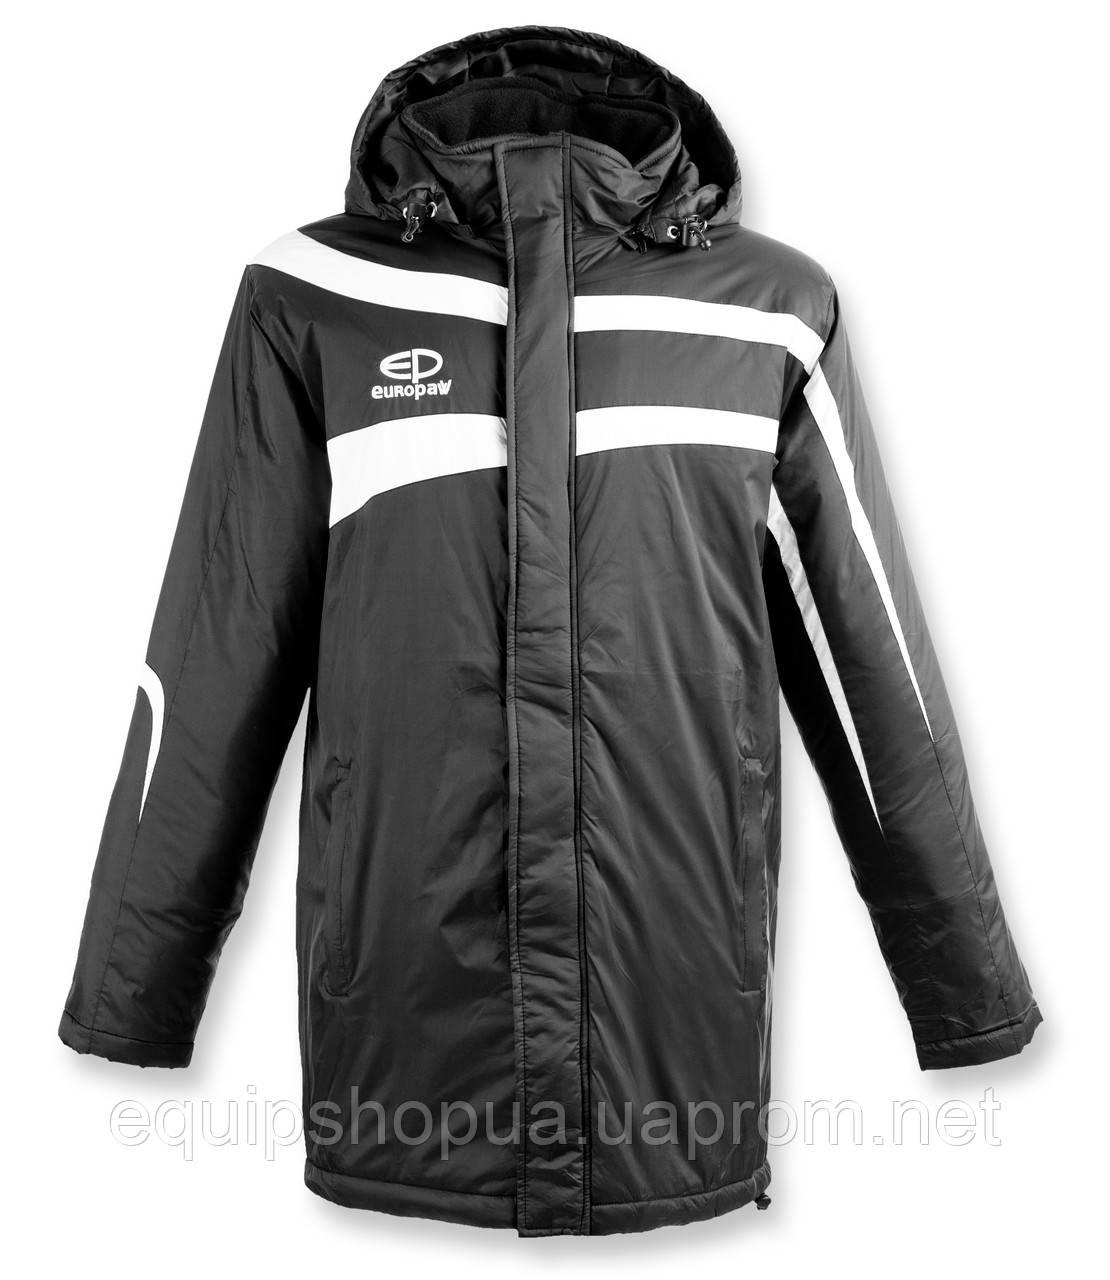 Куртка Зимняя (удлиненная) Europaw TeamLine черная